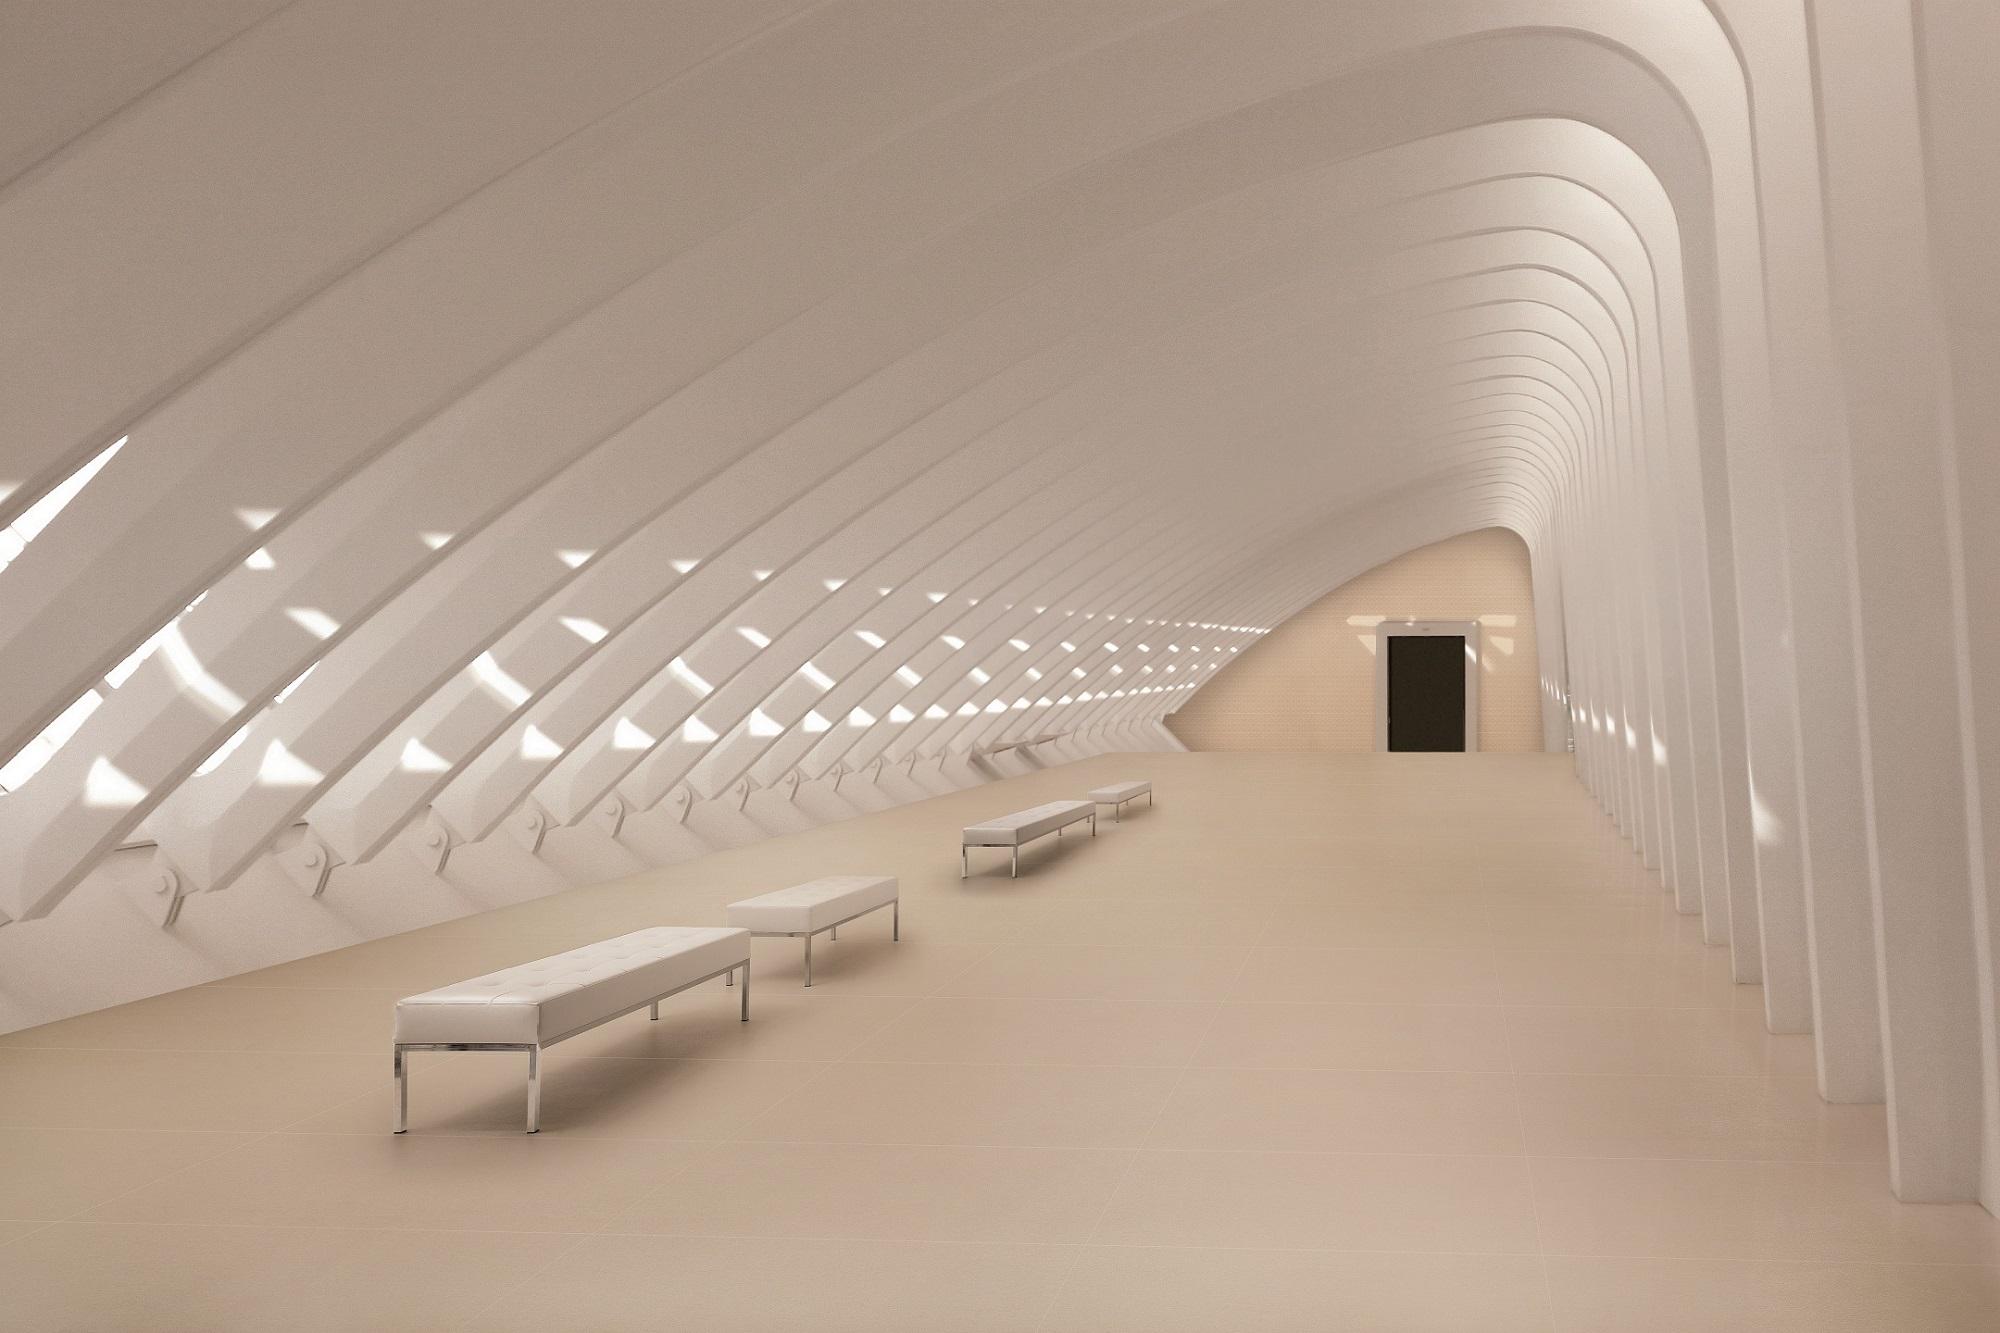 Gạch ốp lát cao cấp Glam là sự biểu hiện hoàn hảo giữa công nghệ tiên nhất và nghệ thuật kiến trúc.